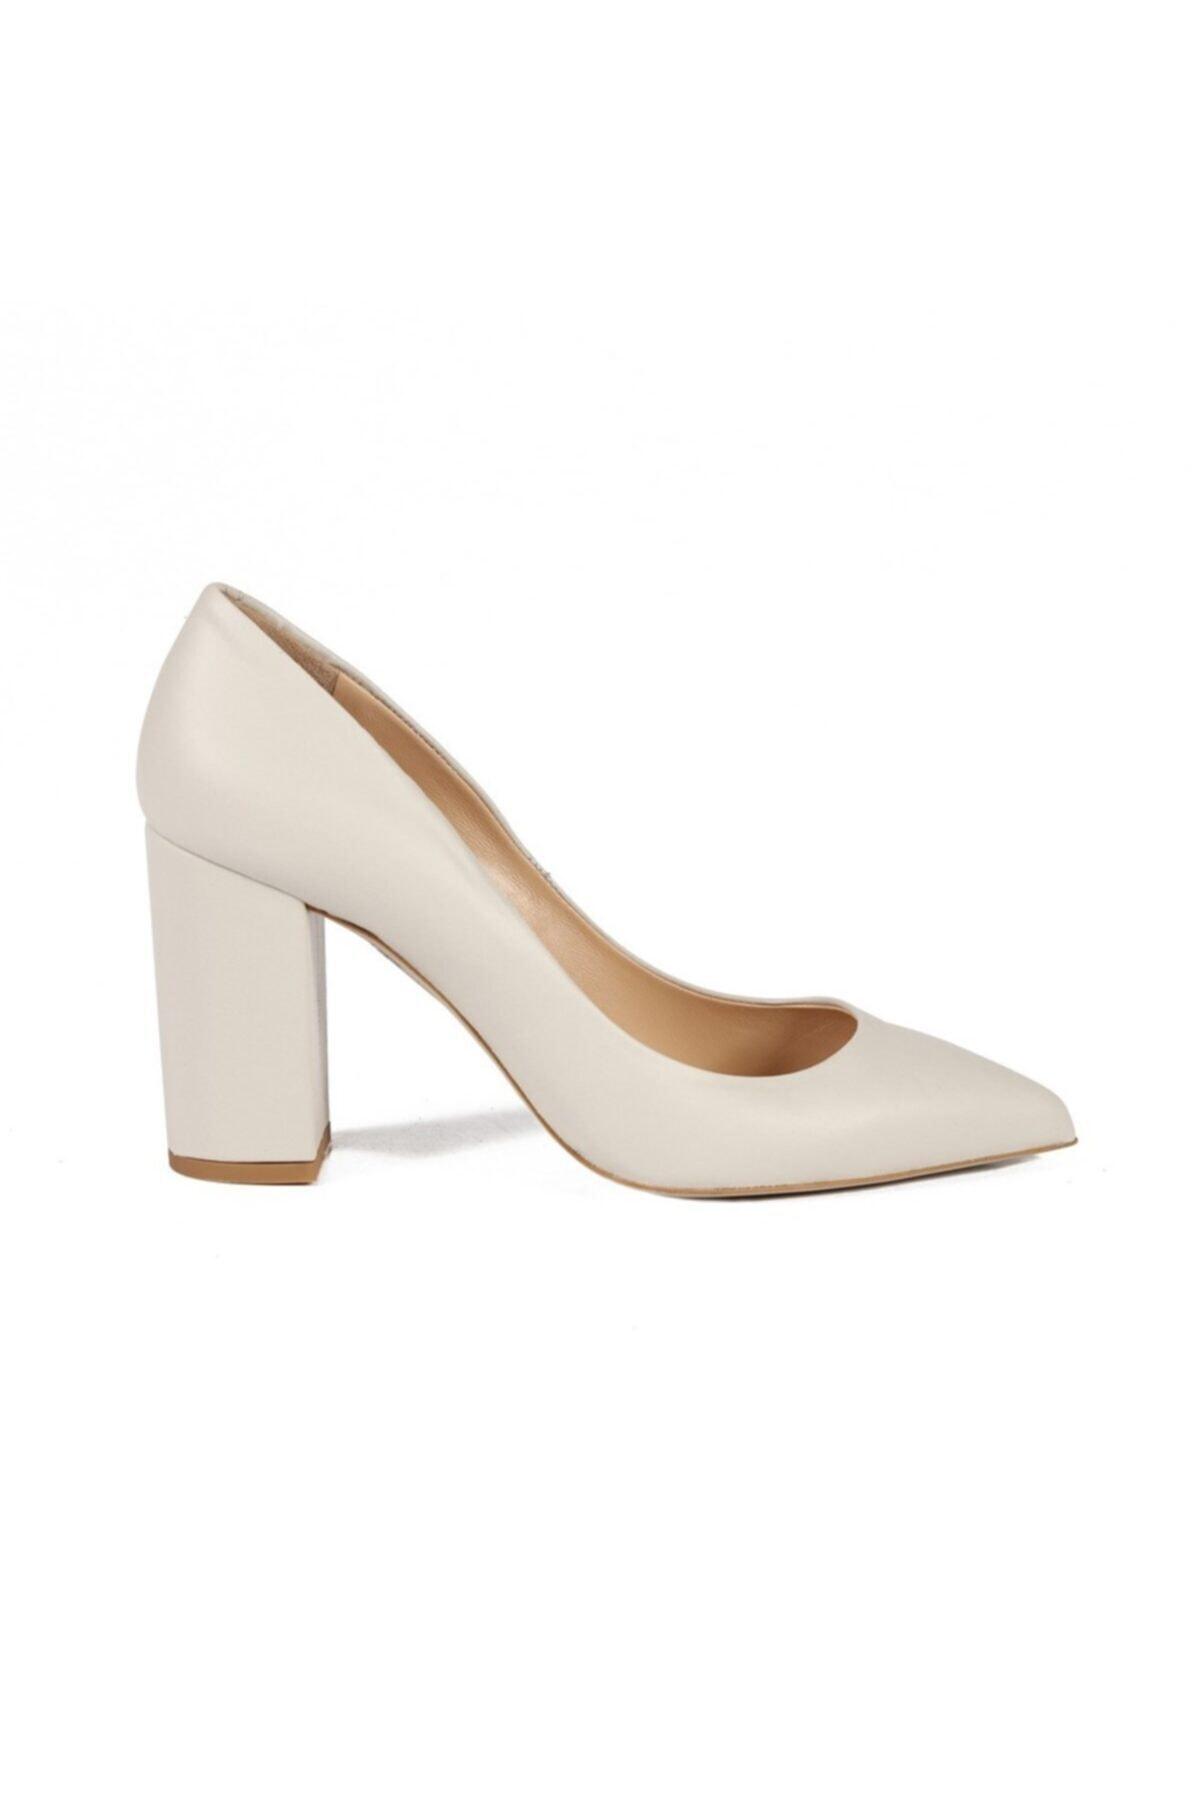 Sofia Baldi Kadın Rachelle Beyaz Deri Topuklu Ayakkabı 1